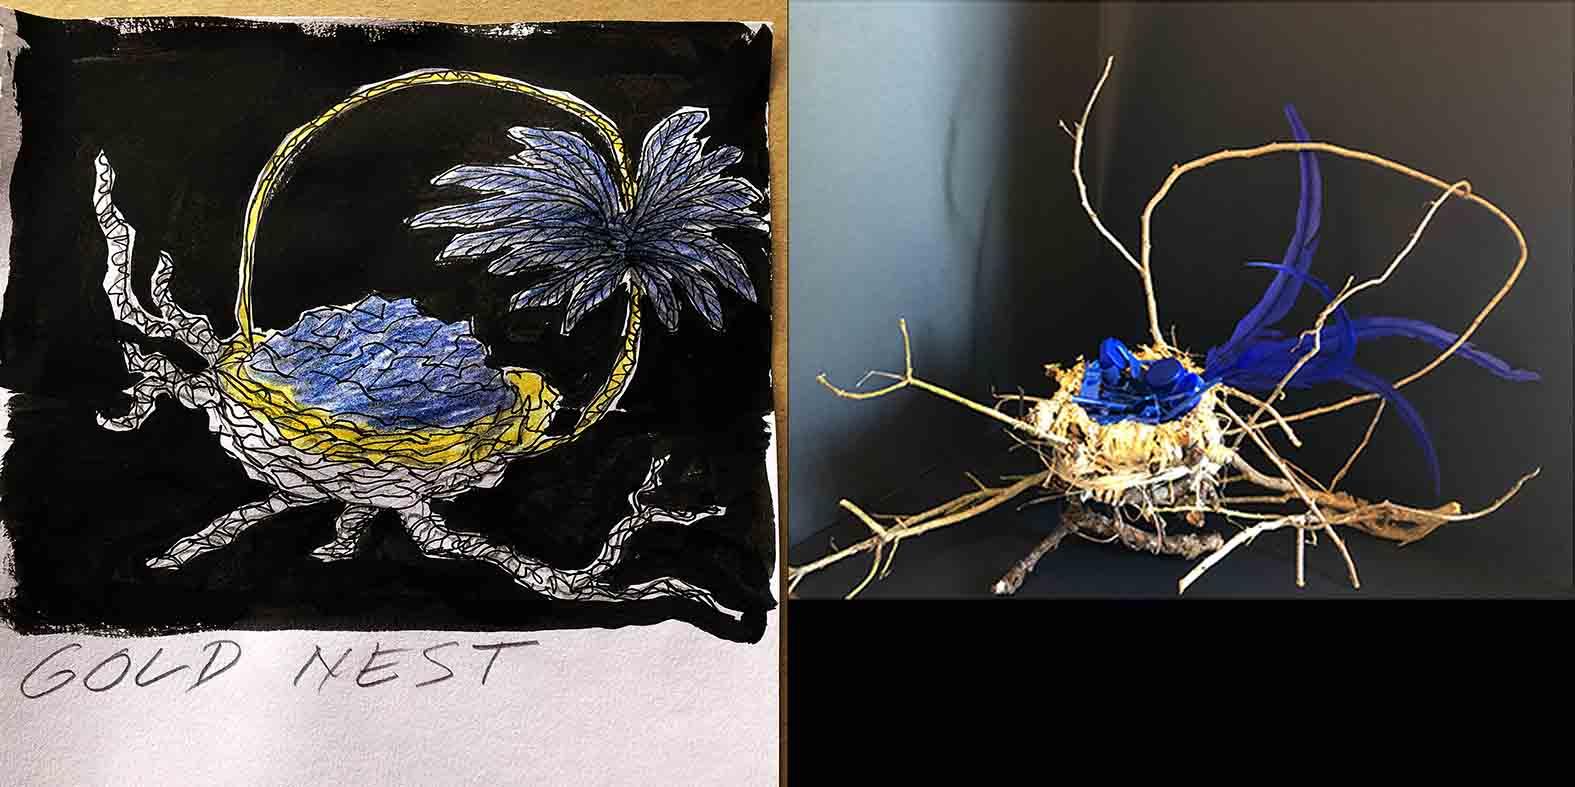 Gold Nest illustration and mock up design